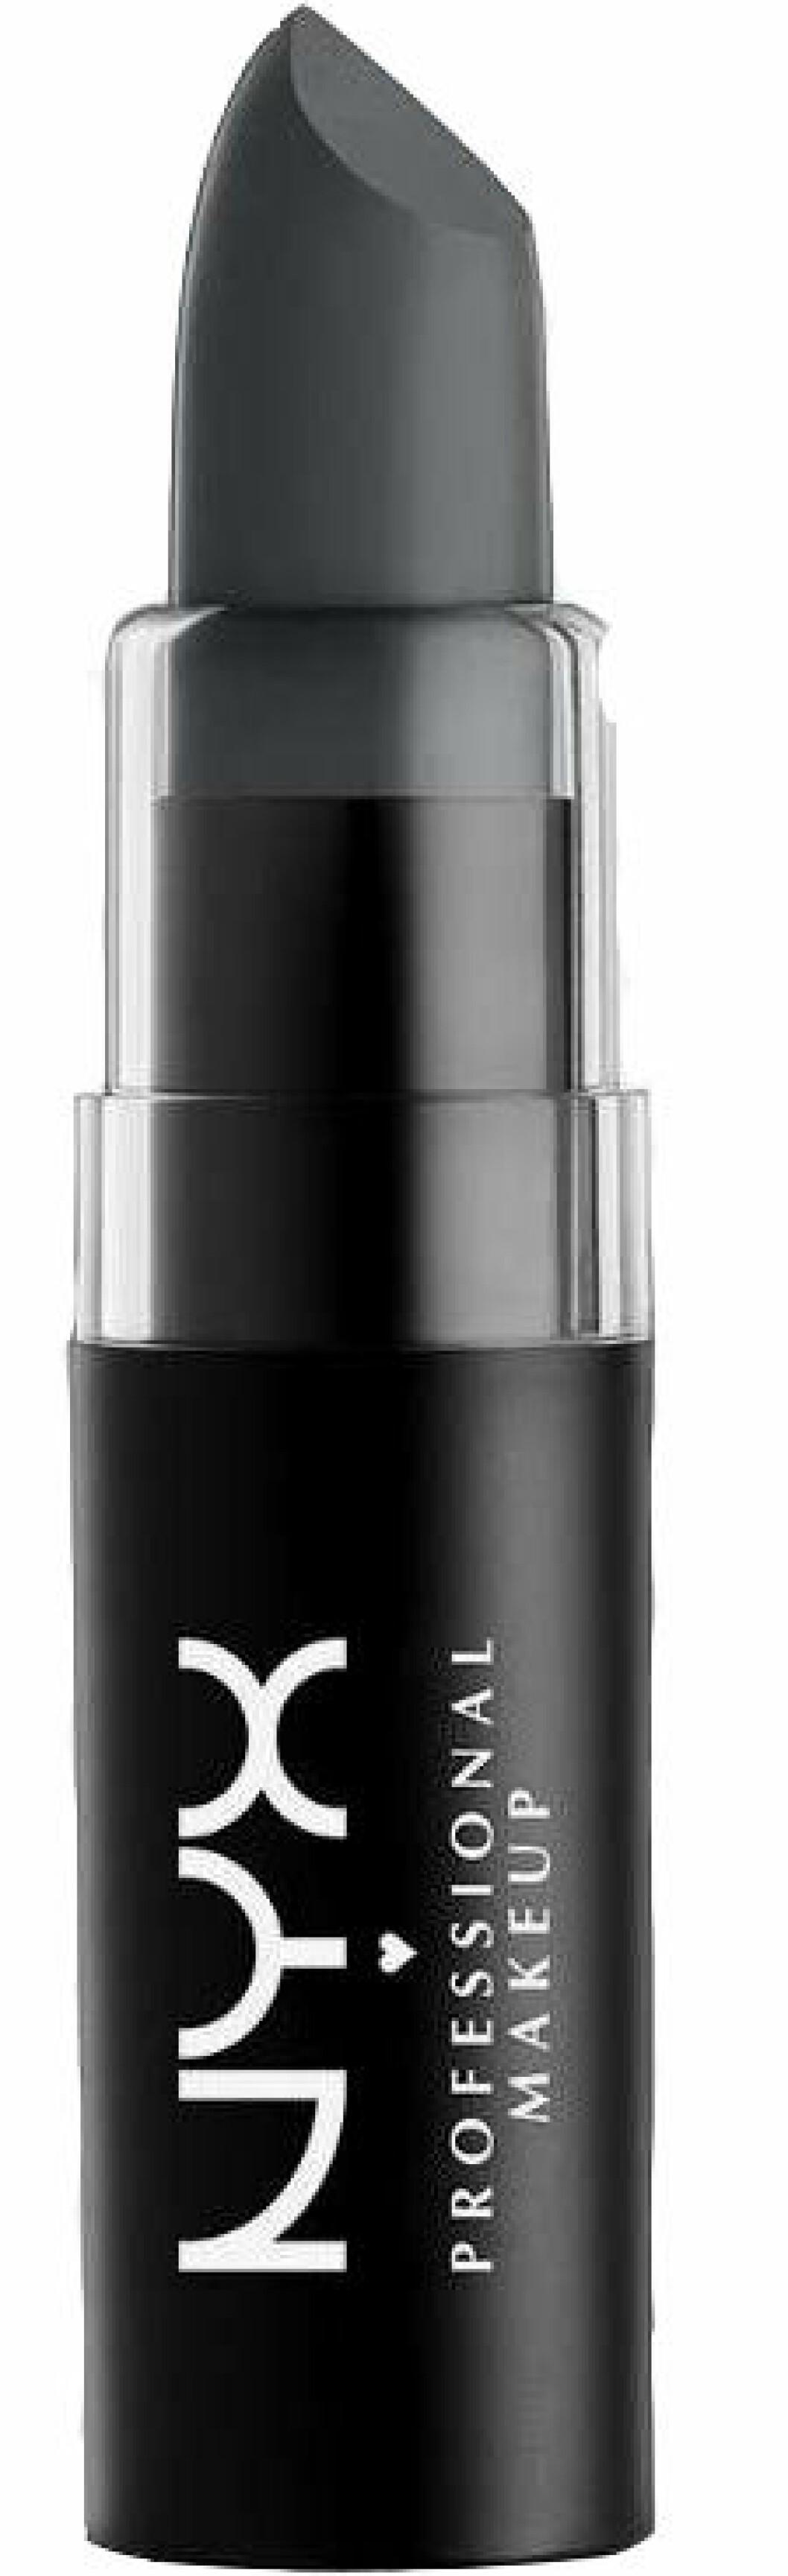 En bild på läppstiftet Nyx Professional Matte Lipstick i nyansen Haze som du kan köpa på Åhléns.